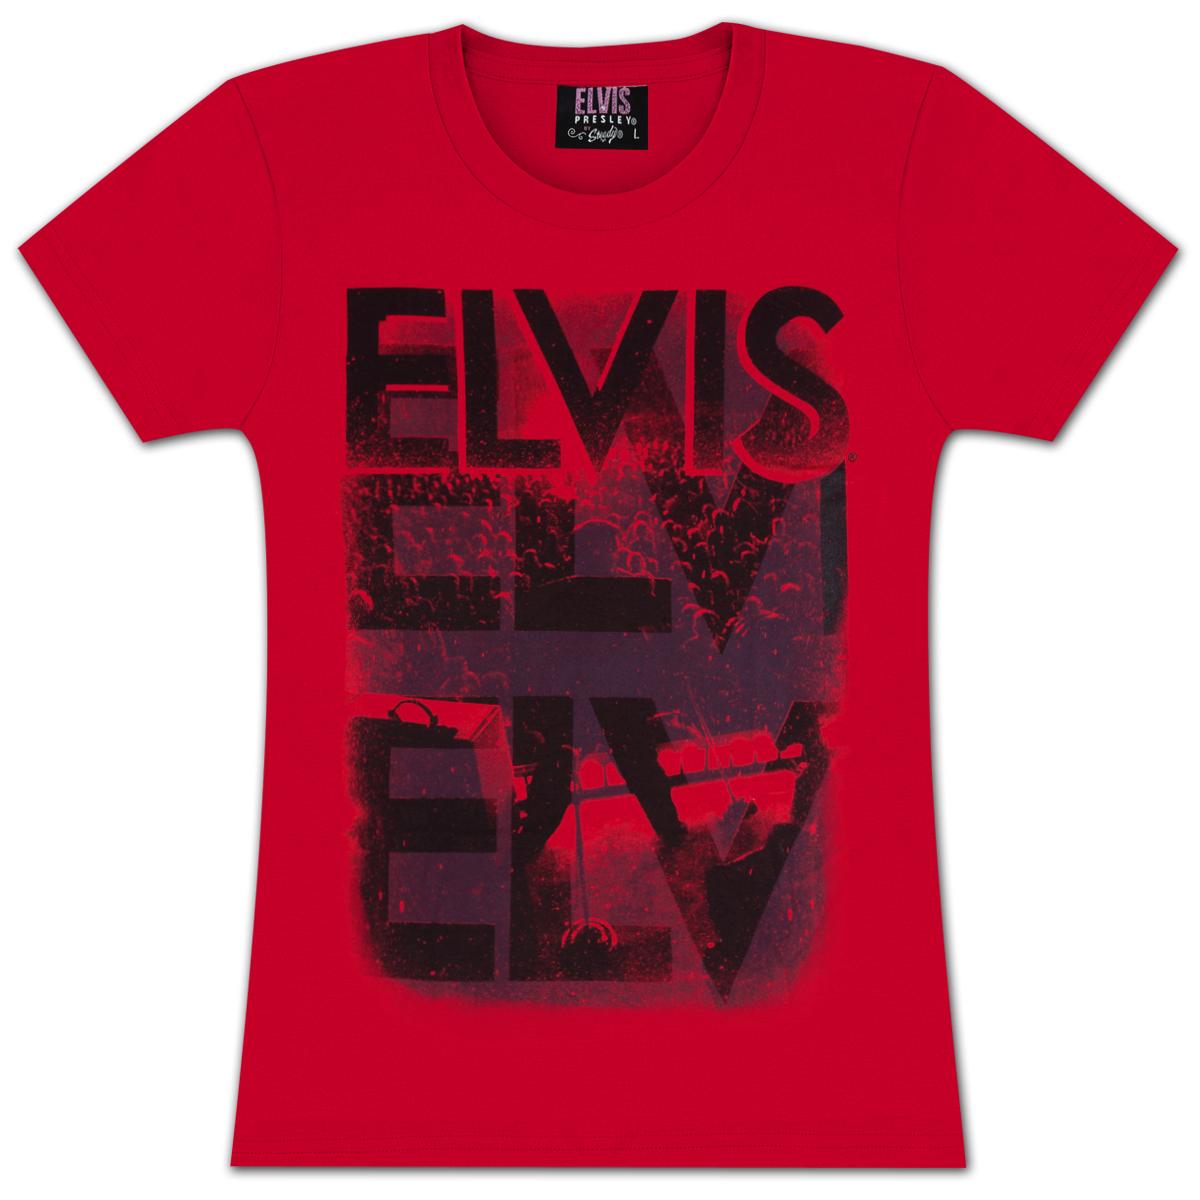 Elvis The Showman Ladies T-shirt